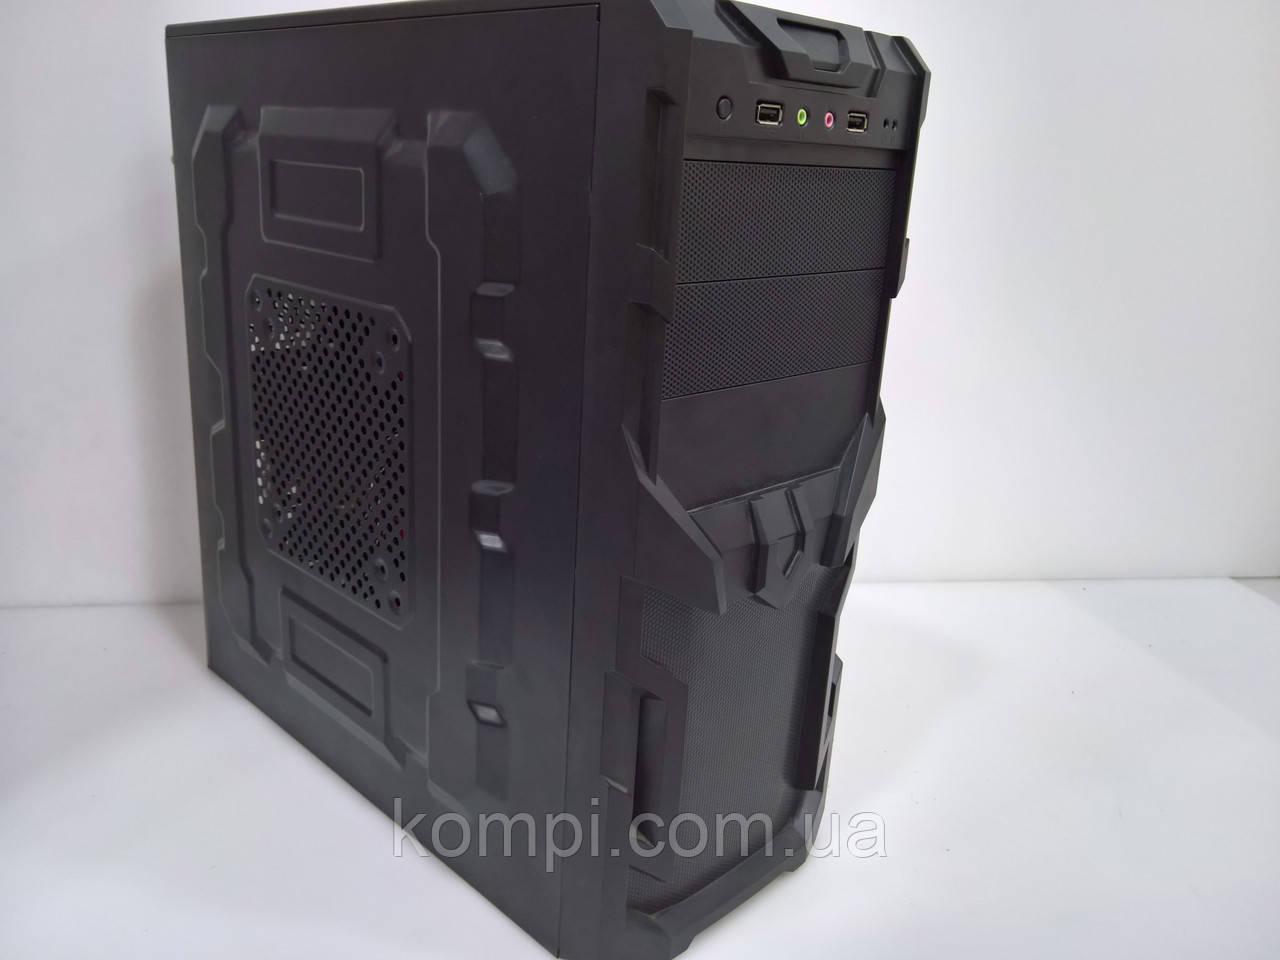 Системний блок Intel i5 (INTEL CORE I5 650/8Gb DDR3/Video GTX 750ti 2G /SSD 120GB/DVD RW) ІГРОВИЙ ПК